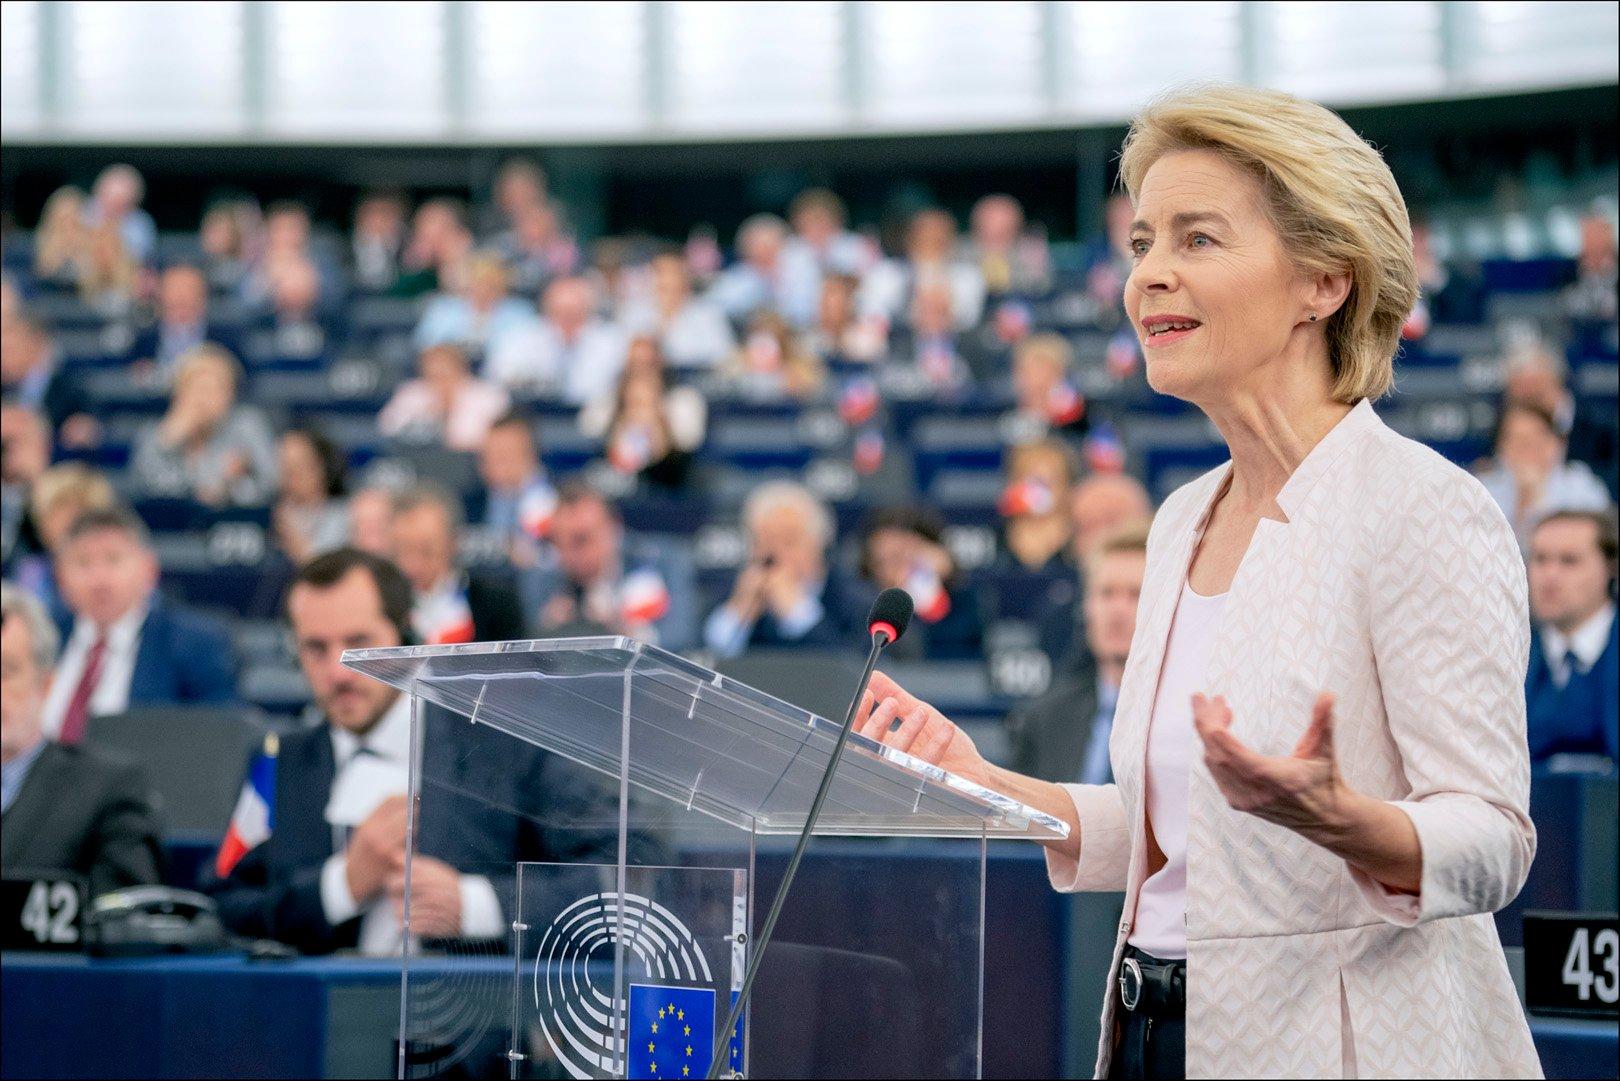 EU Commission President Ursula von der Leyen has promised